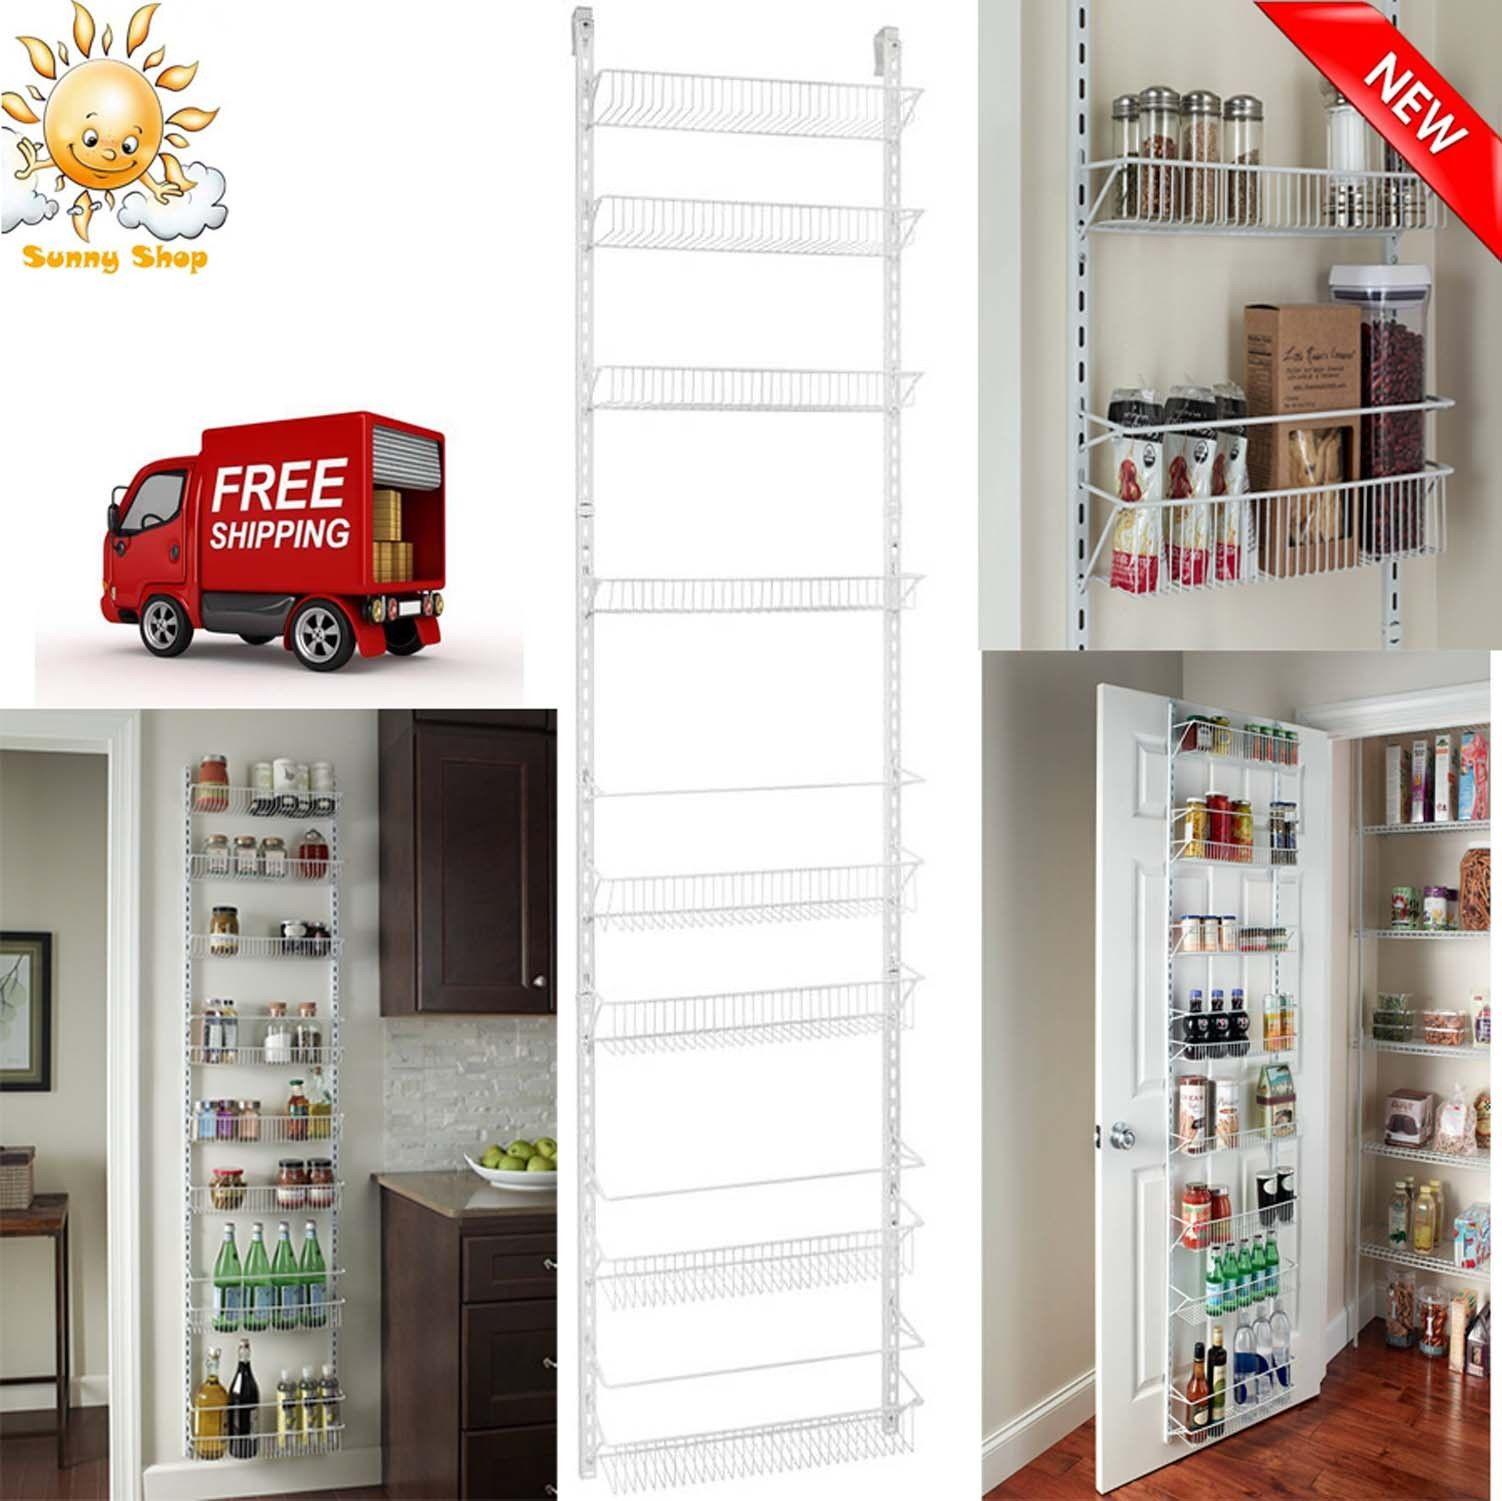 Adjustable Over the Door Storage Rack 8 Shelves Kitchen Pantry Organizer Food 1